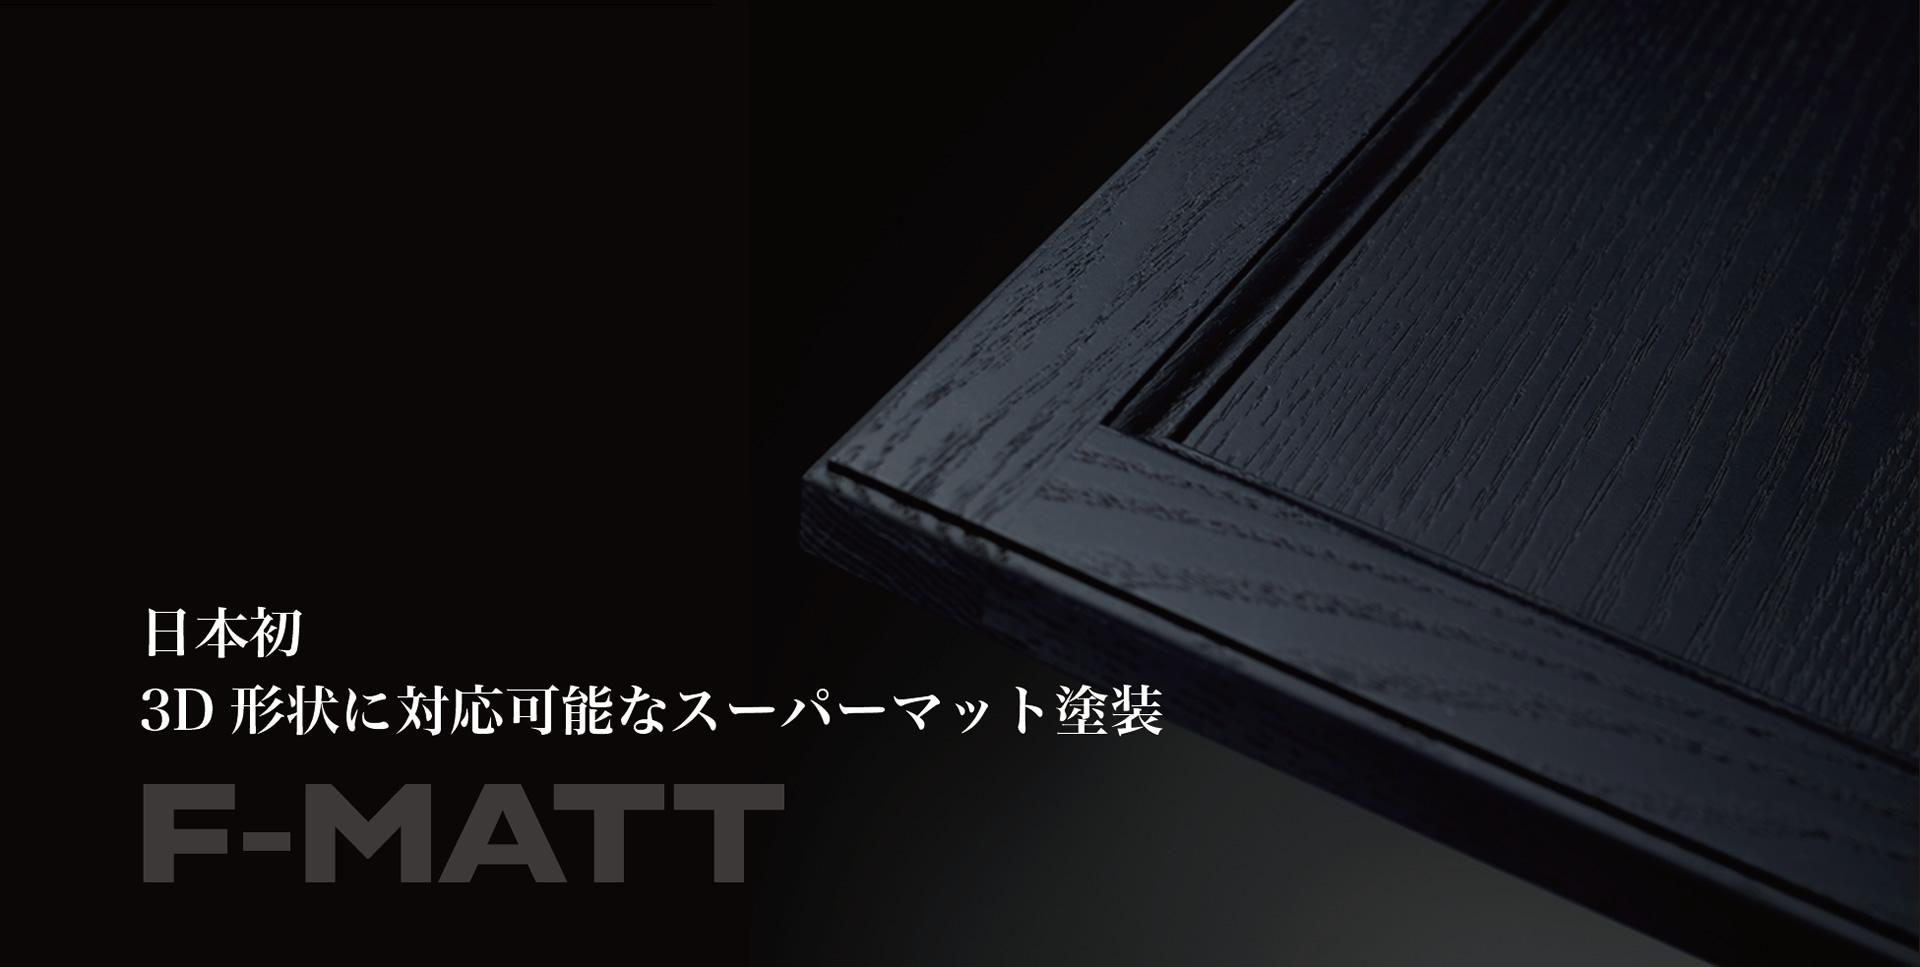 3D形状に対応可能なスーパーマット塗装 F-MATT